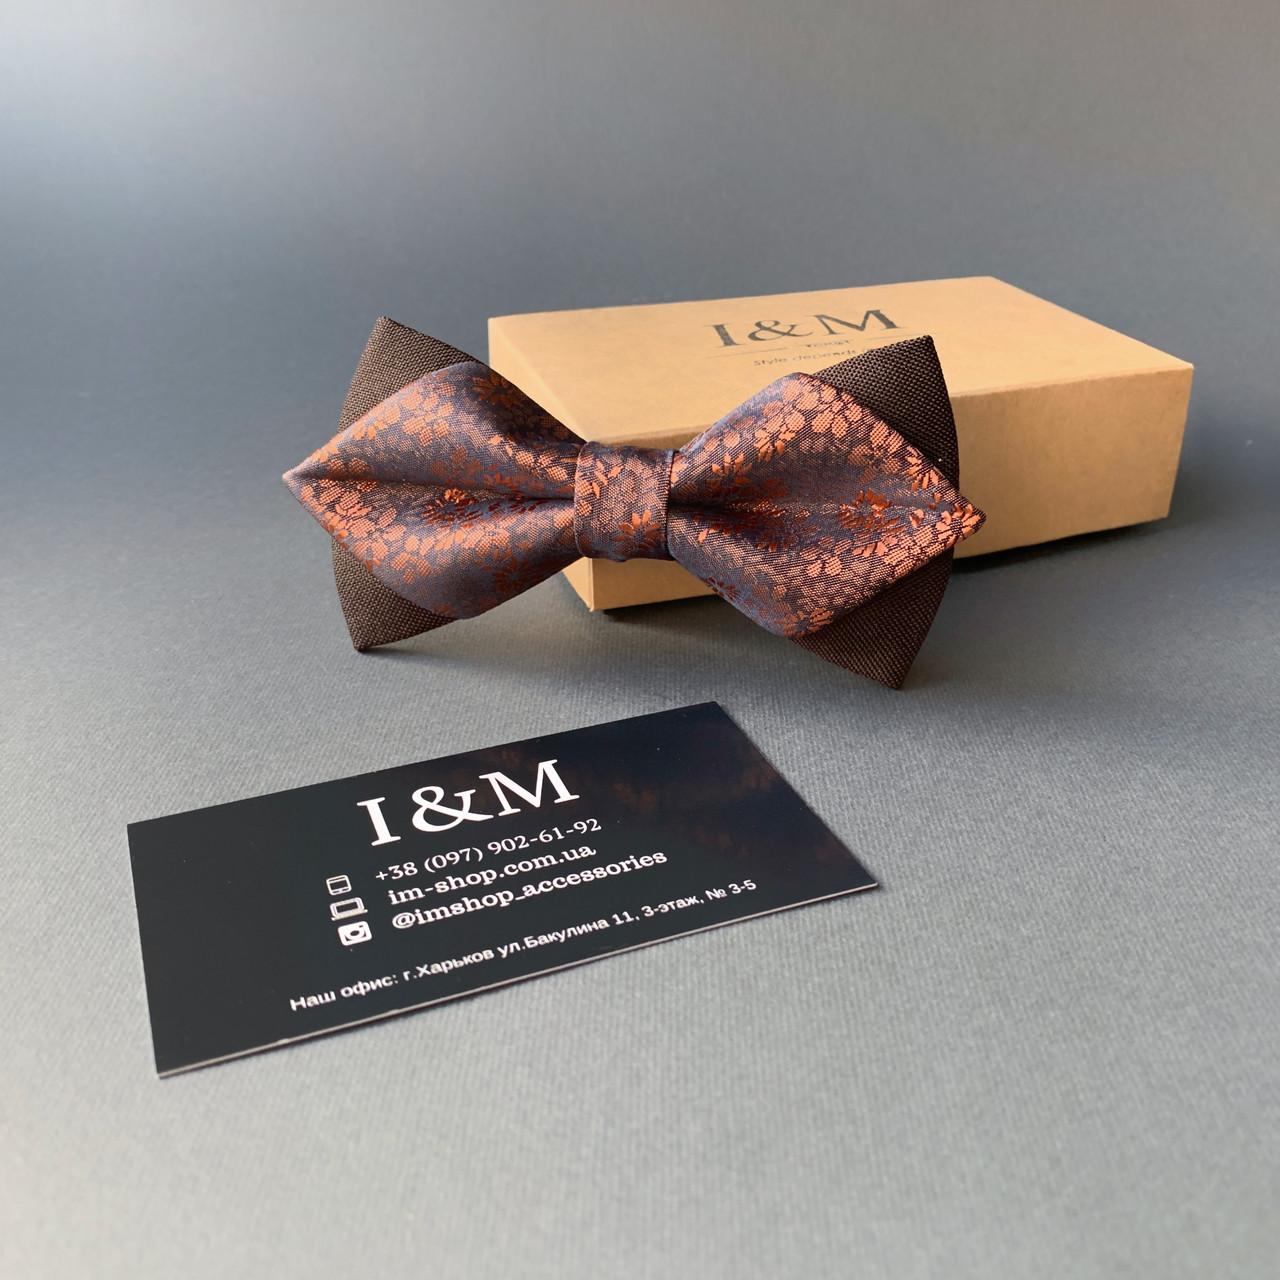 Краватка-метелик I&M Craft з гострими кінцями коричневий з відливом (100163N)